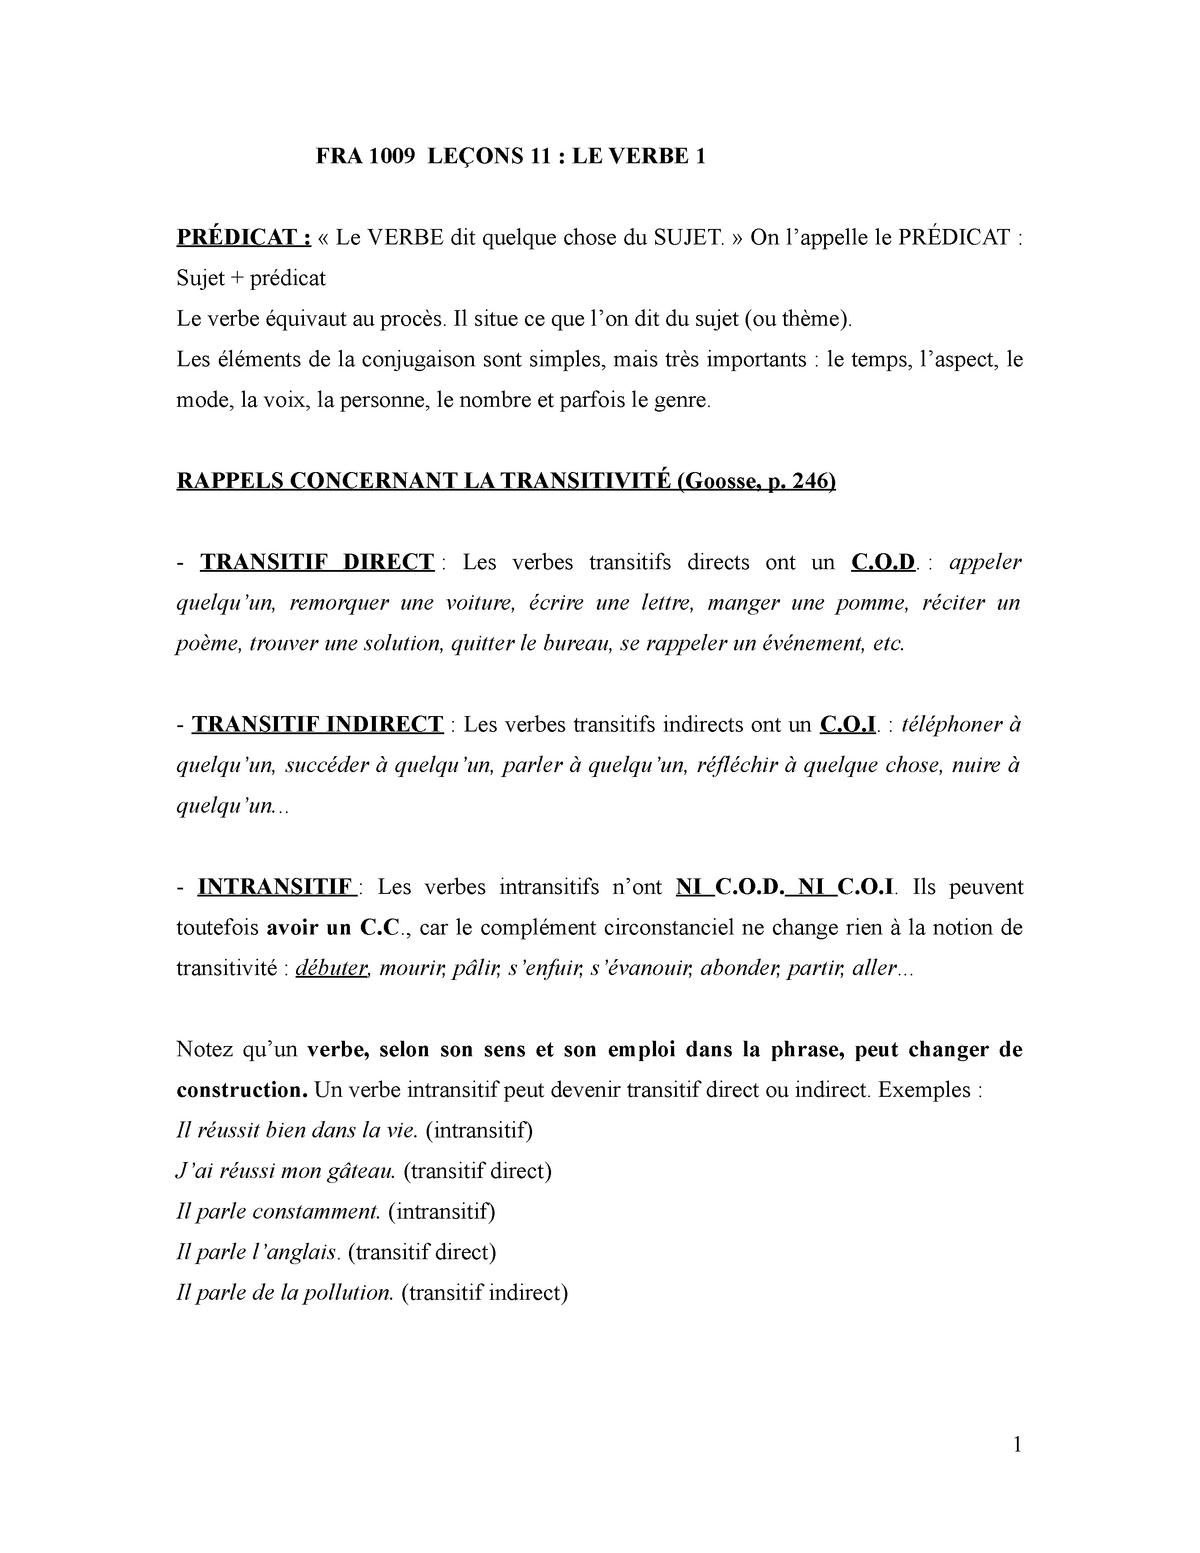 Cours 11 Verbe Fra1009 Grammaire Udem Studocu